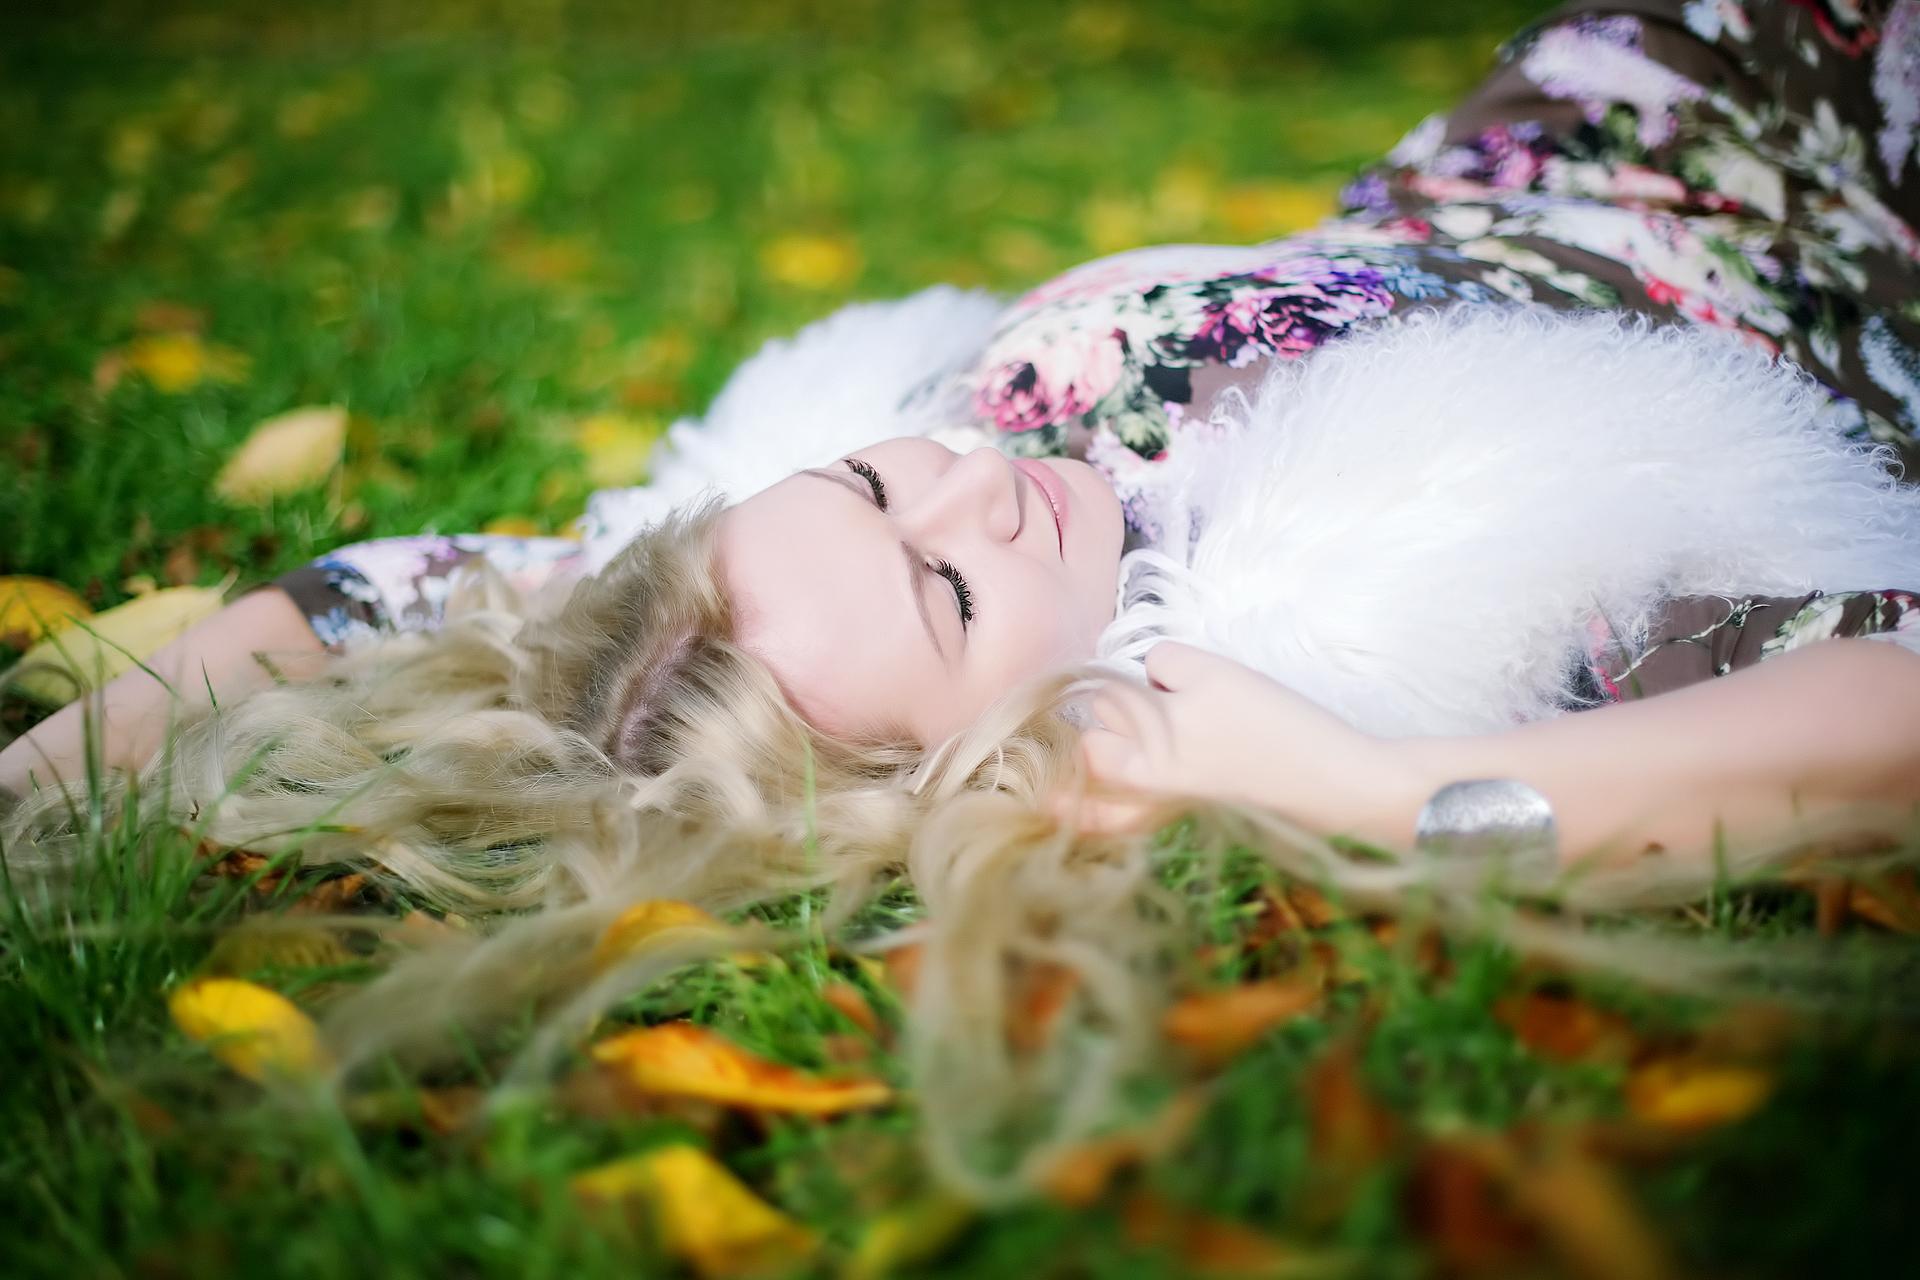 Осень. Фотограф Антипас Наталья.